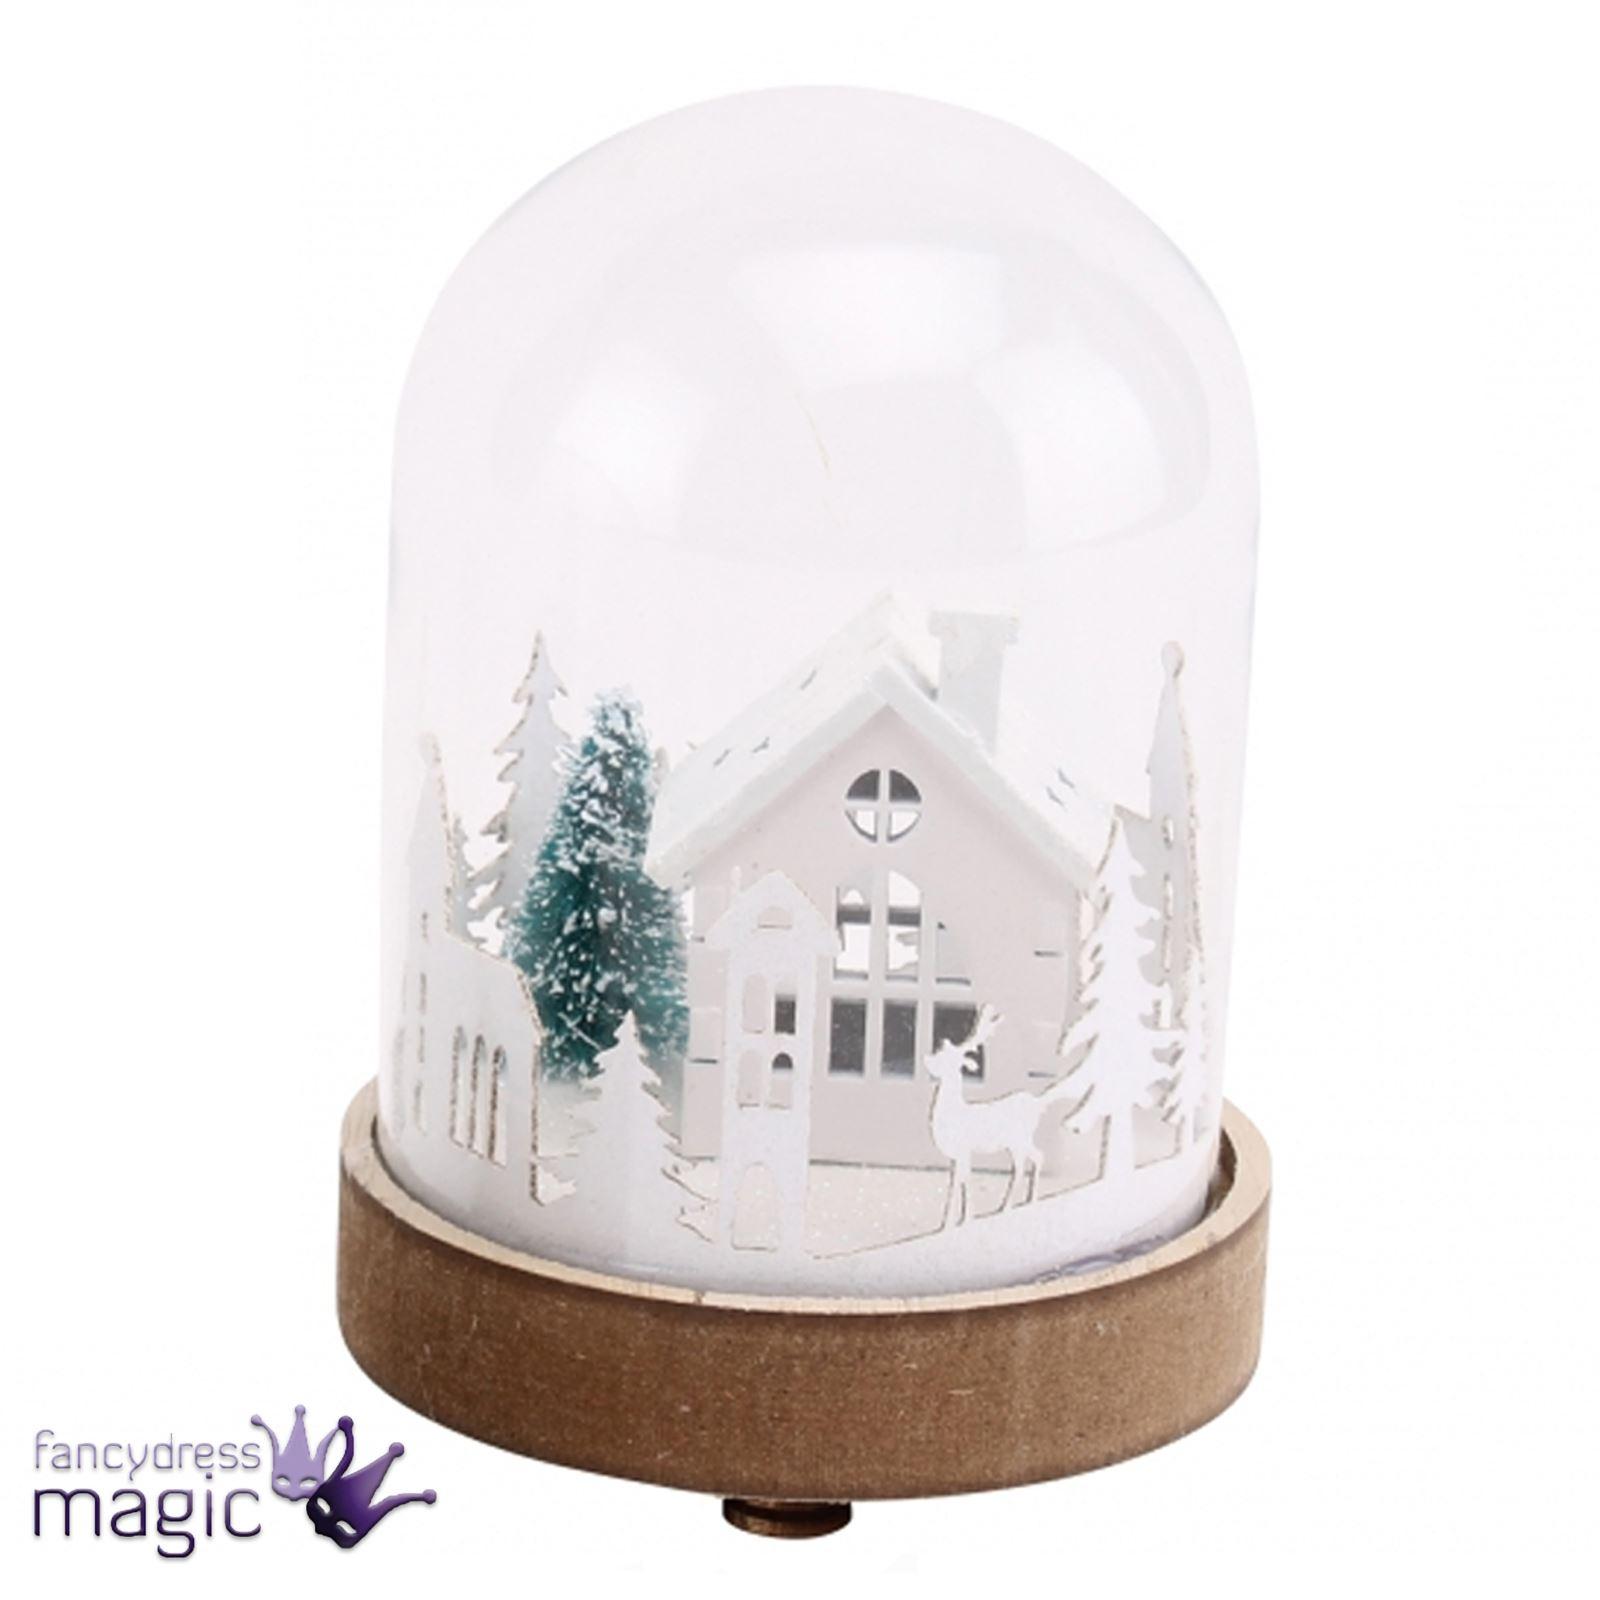 Mini Aufleuchtend Schnee Kuppel Kugel Weihnachten Lichter Szene ...